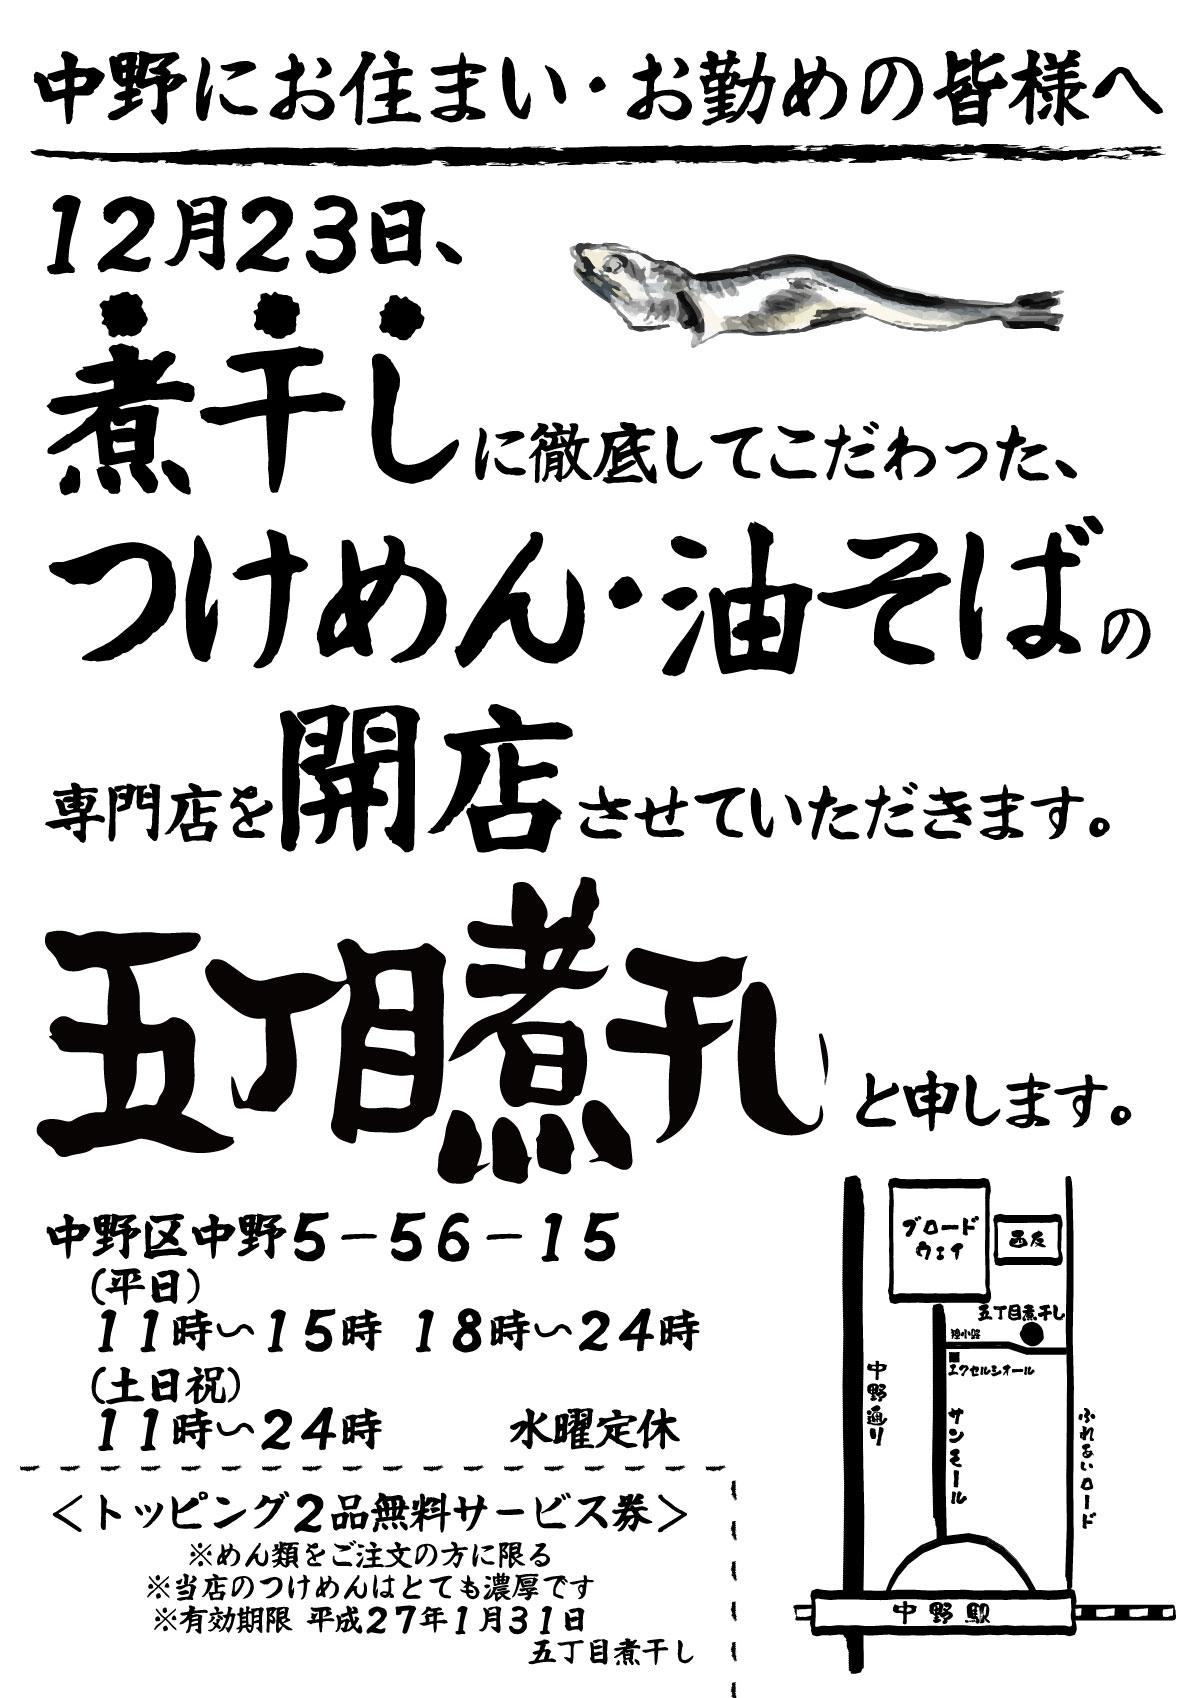 新規出店に伴う販促プロデュース(ラーメン店、中野『五丁目煮干し』)